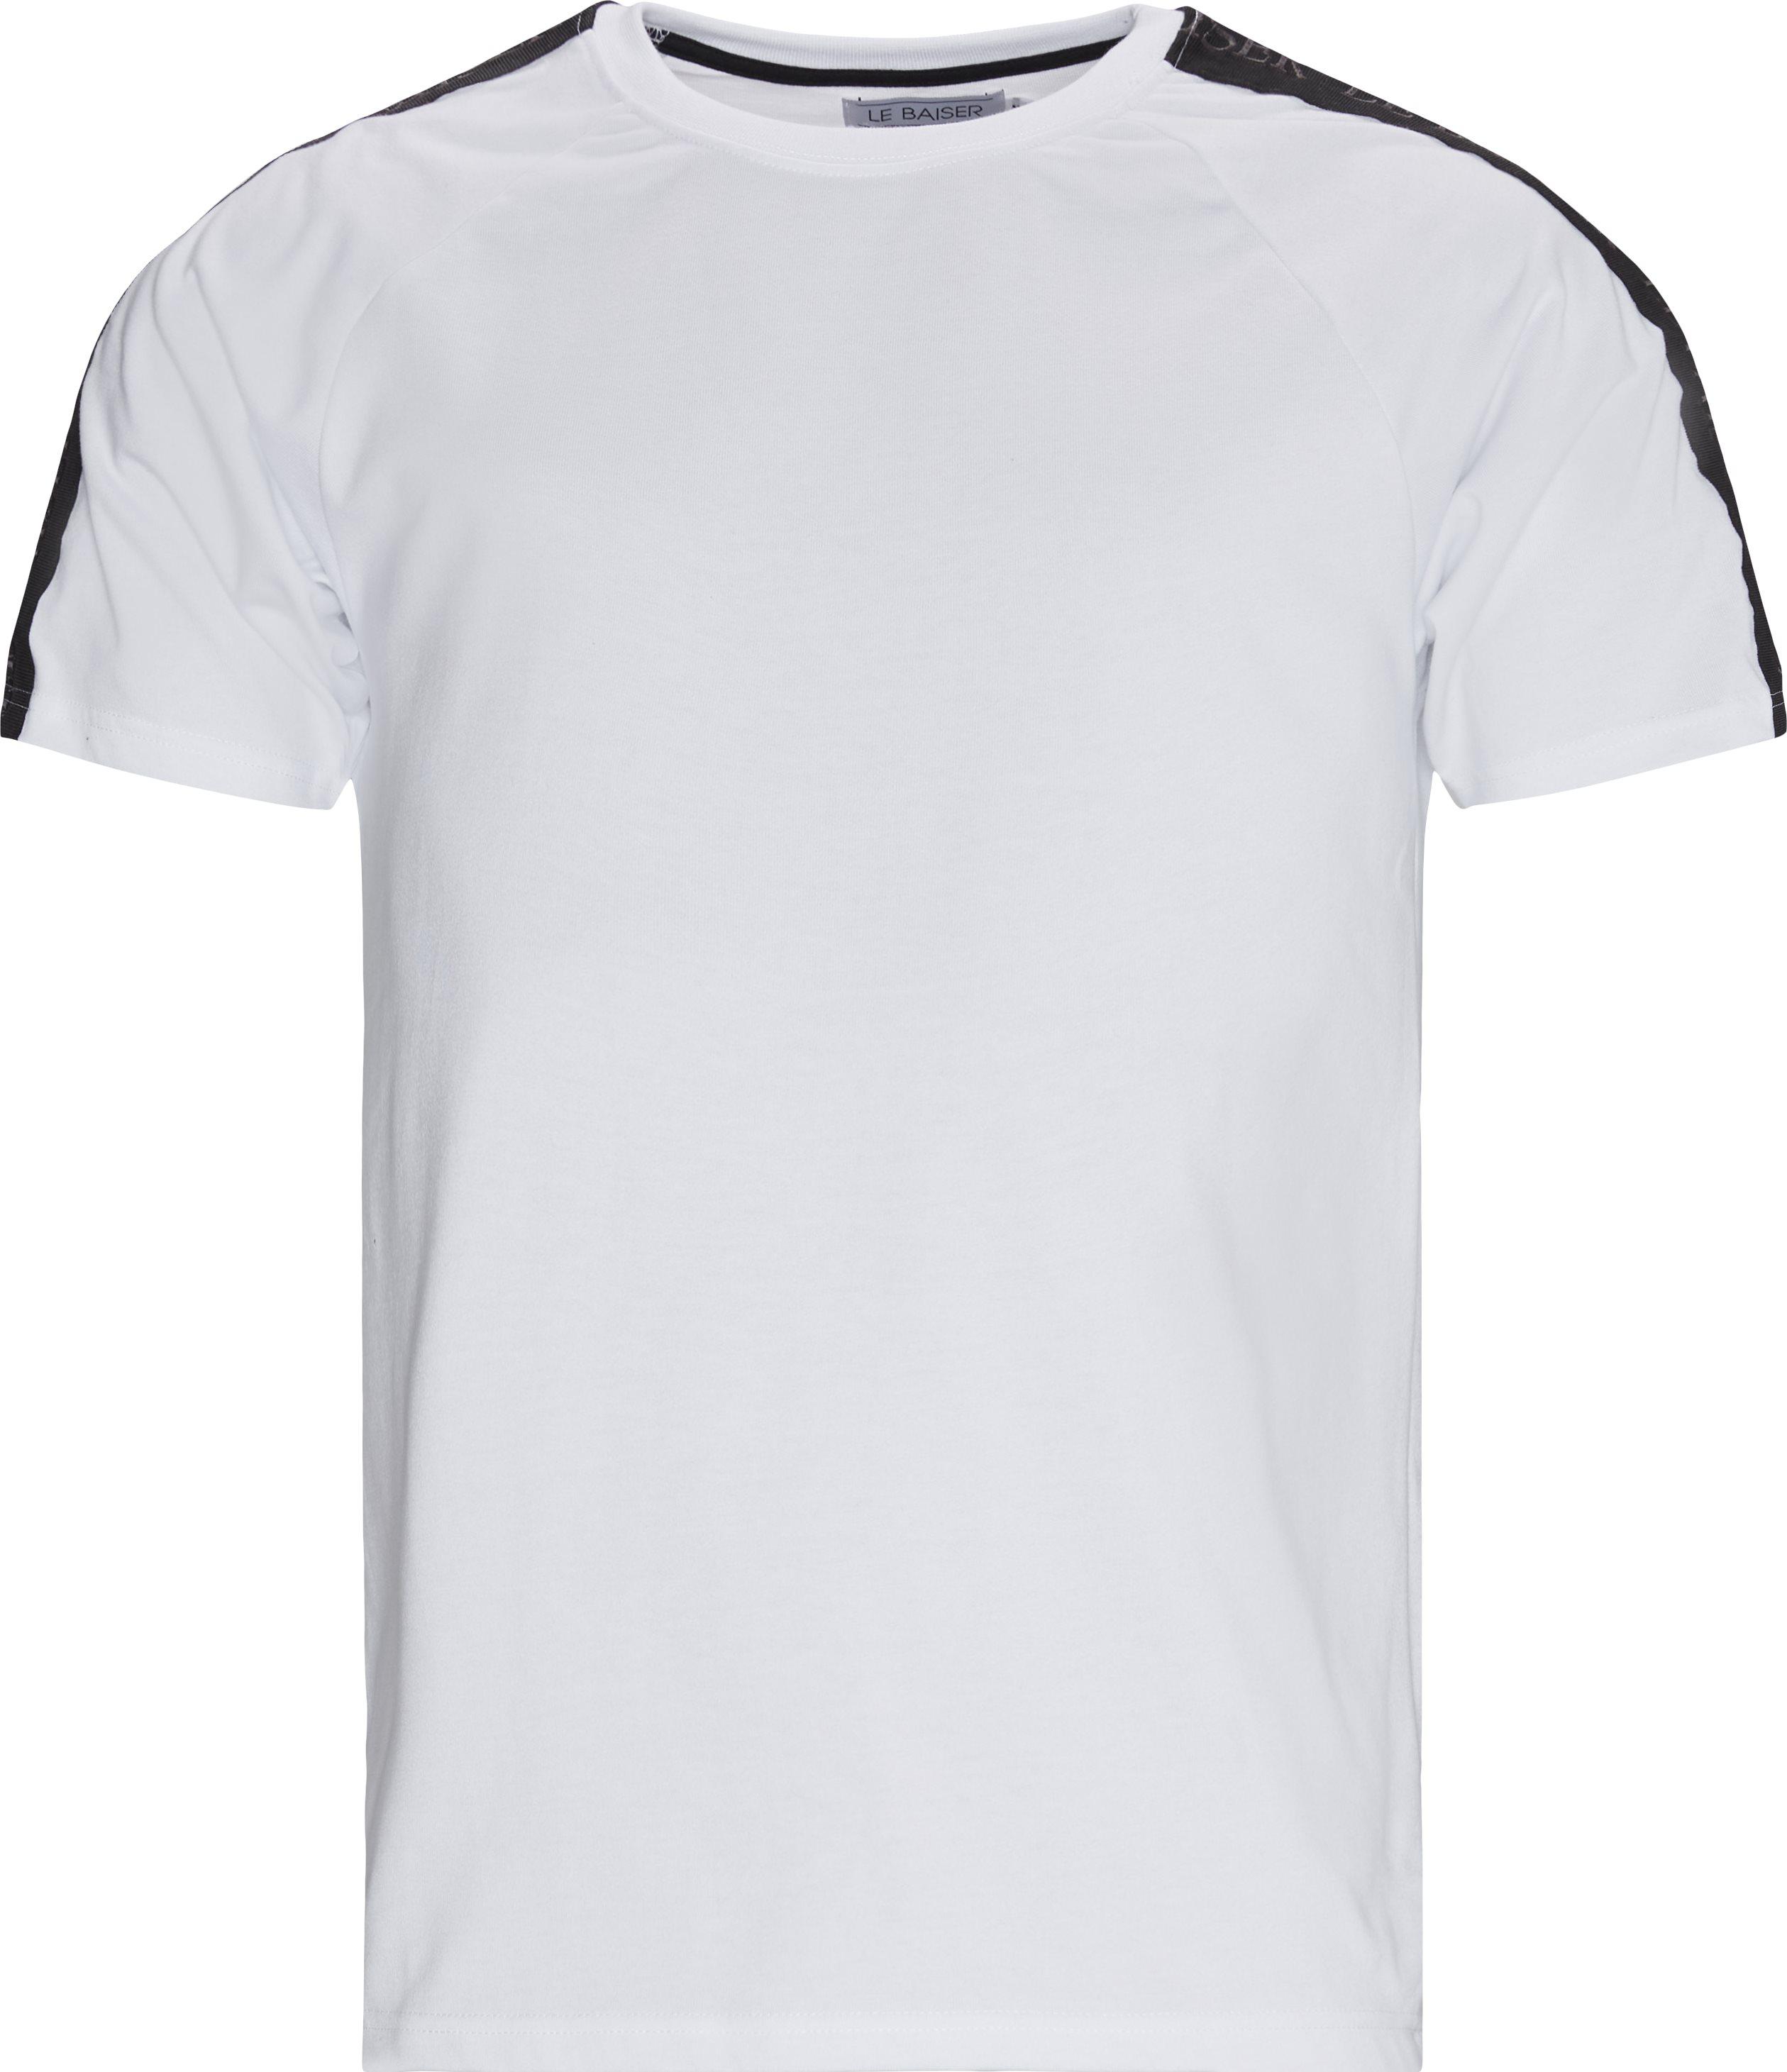 Menton Tee - T-shirts - Regular - Hvid